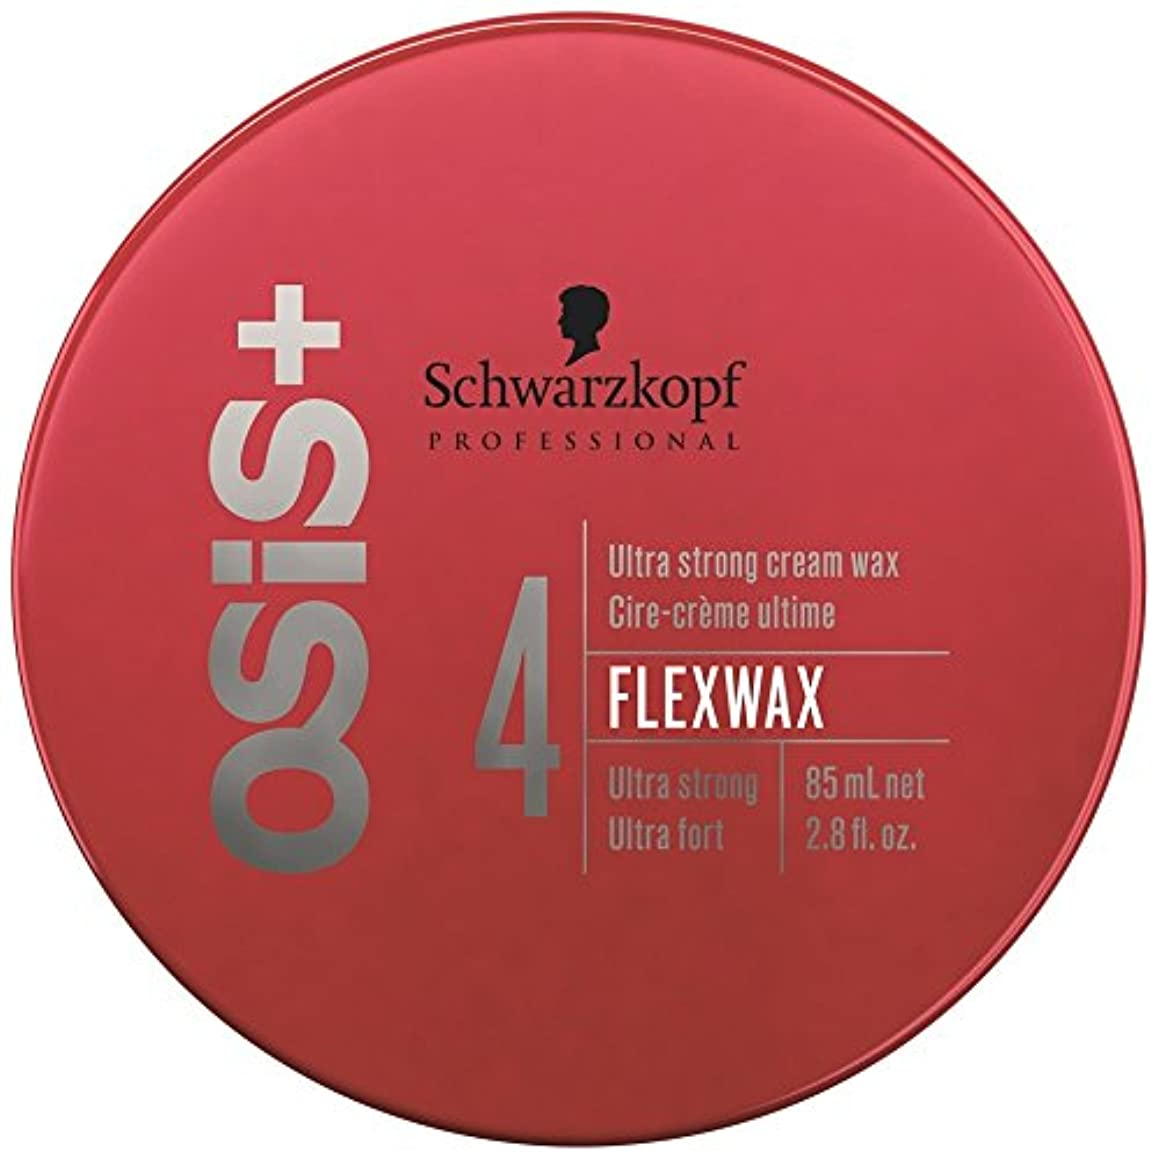 分解する引用ノートSchwarzkopf Osis Flexwax 85ml